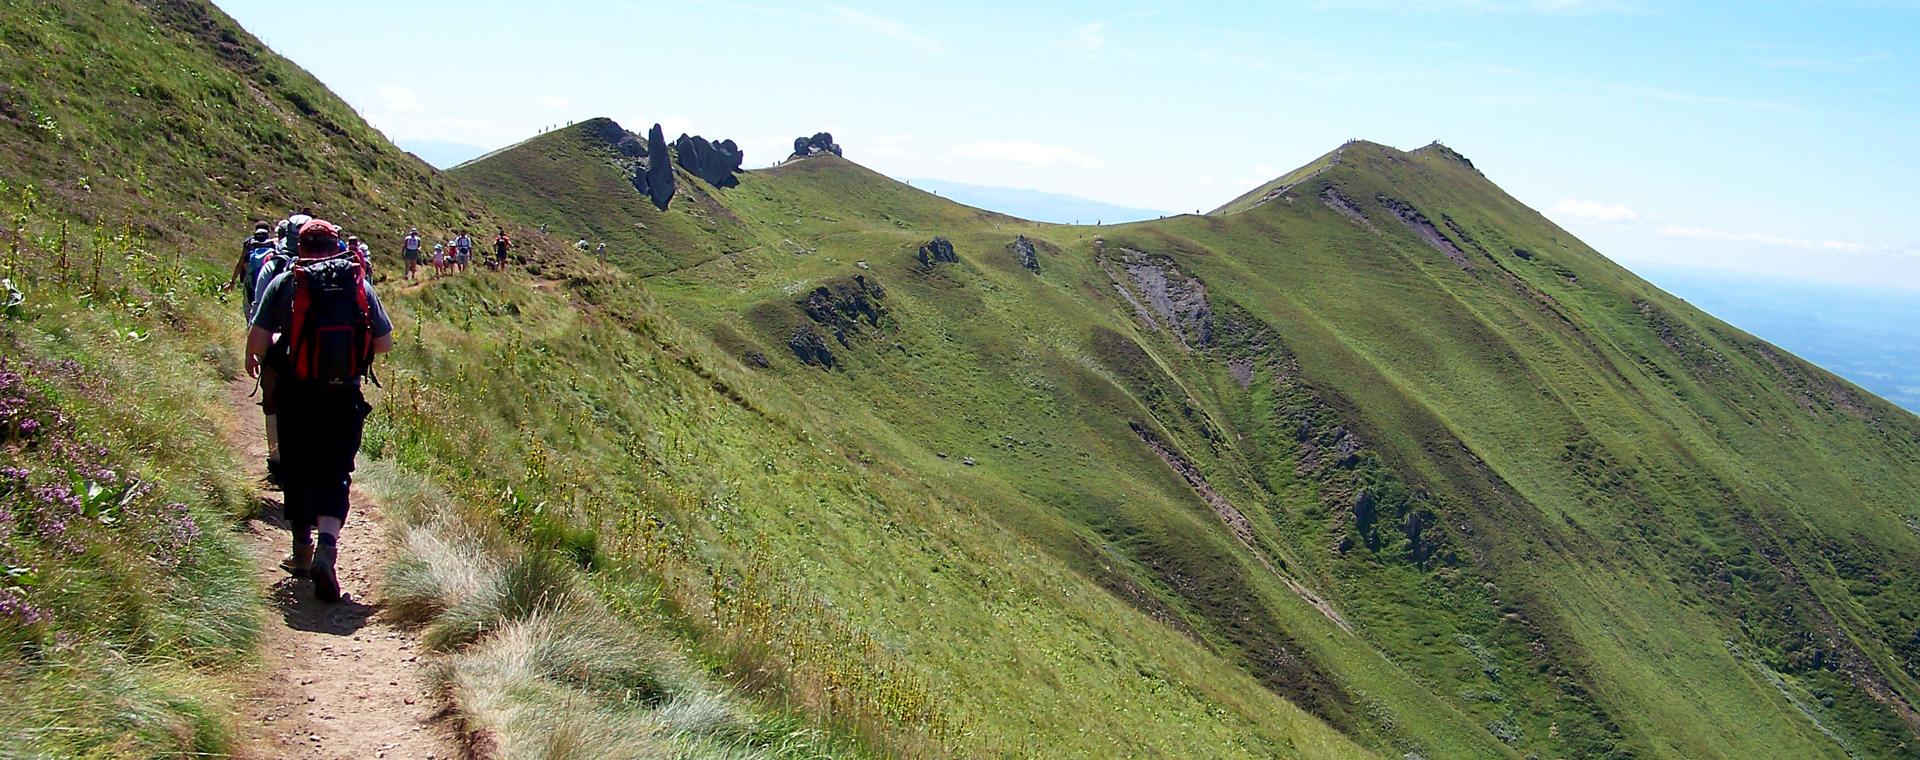 Image Parc des volcans d'Auvergne